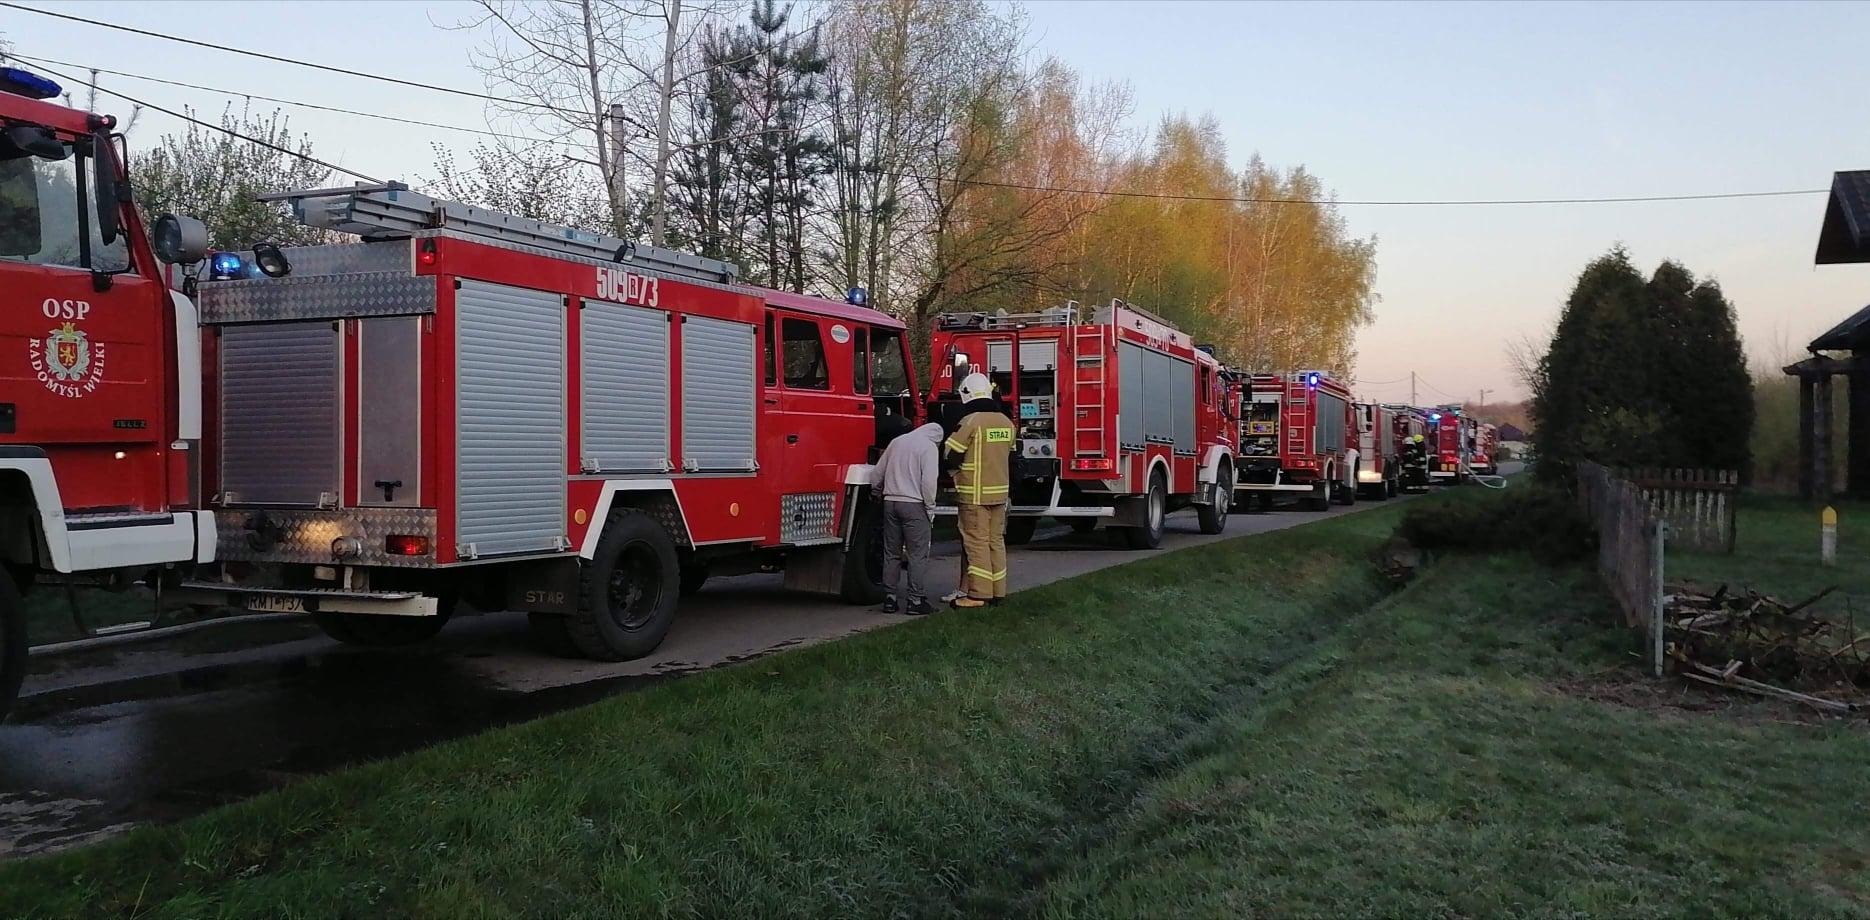 Pożar w gminie Radomyśl. Z ogniem walczyło 11 zastępów straży pożarnej - Zdjęcie główne